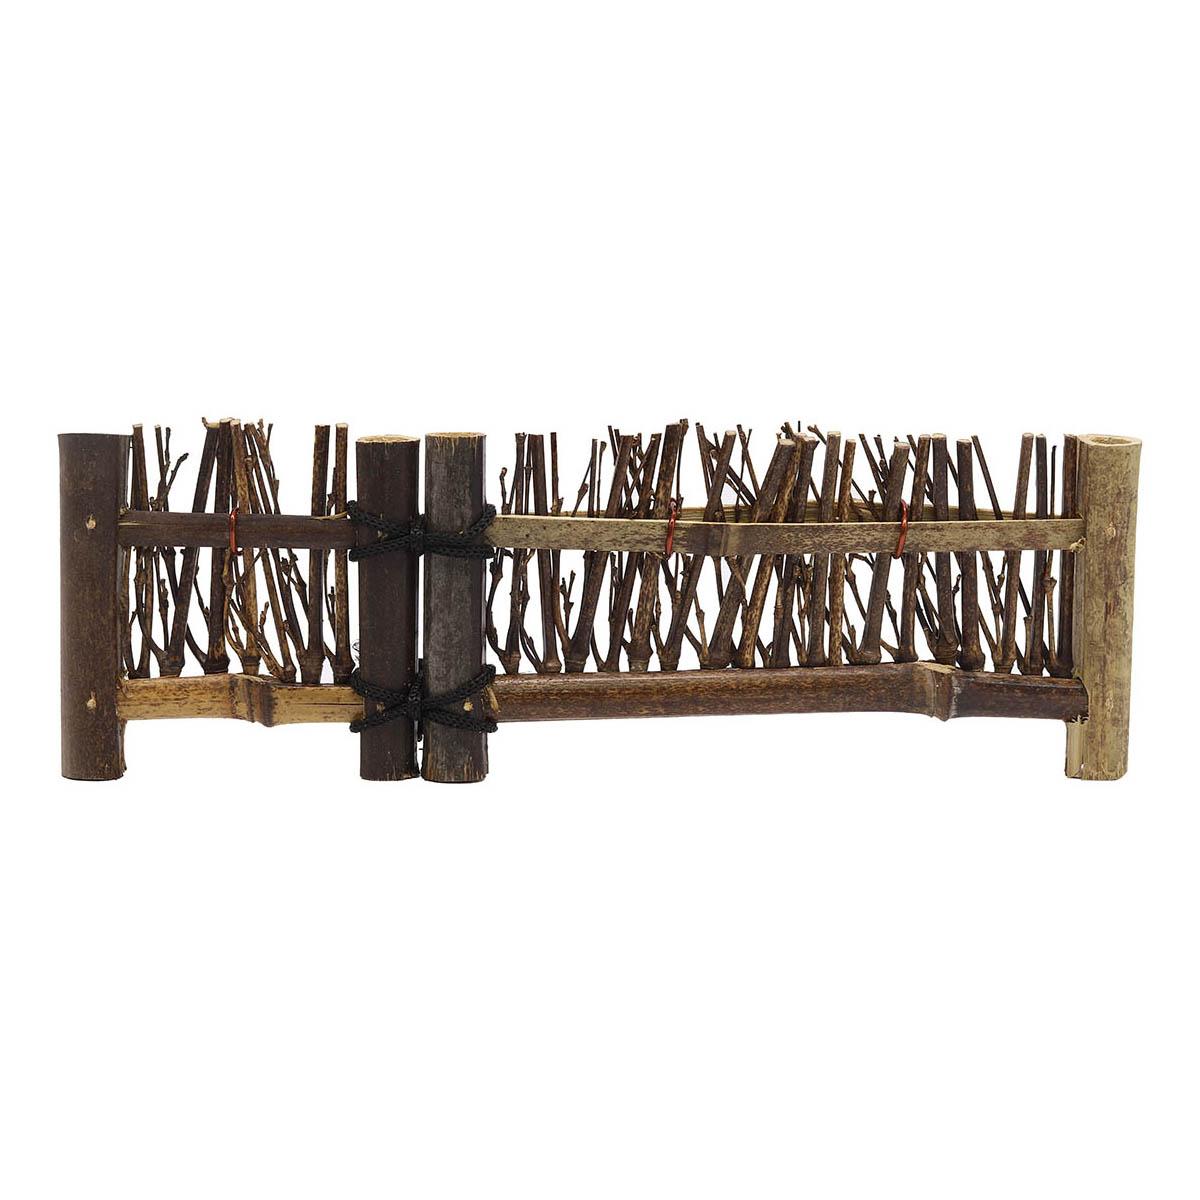 Миниатюра 'Забор декоративный', 24*7,5 см